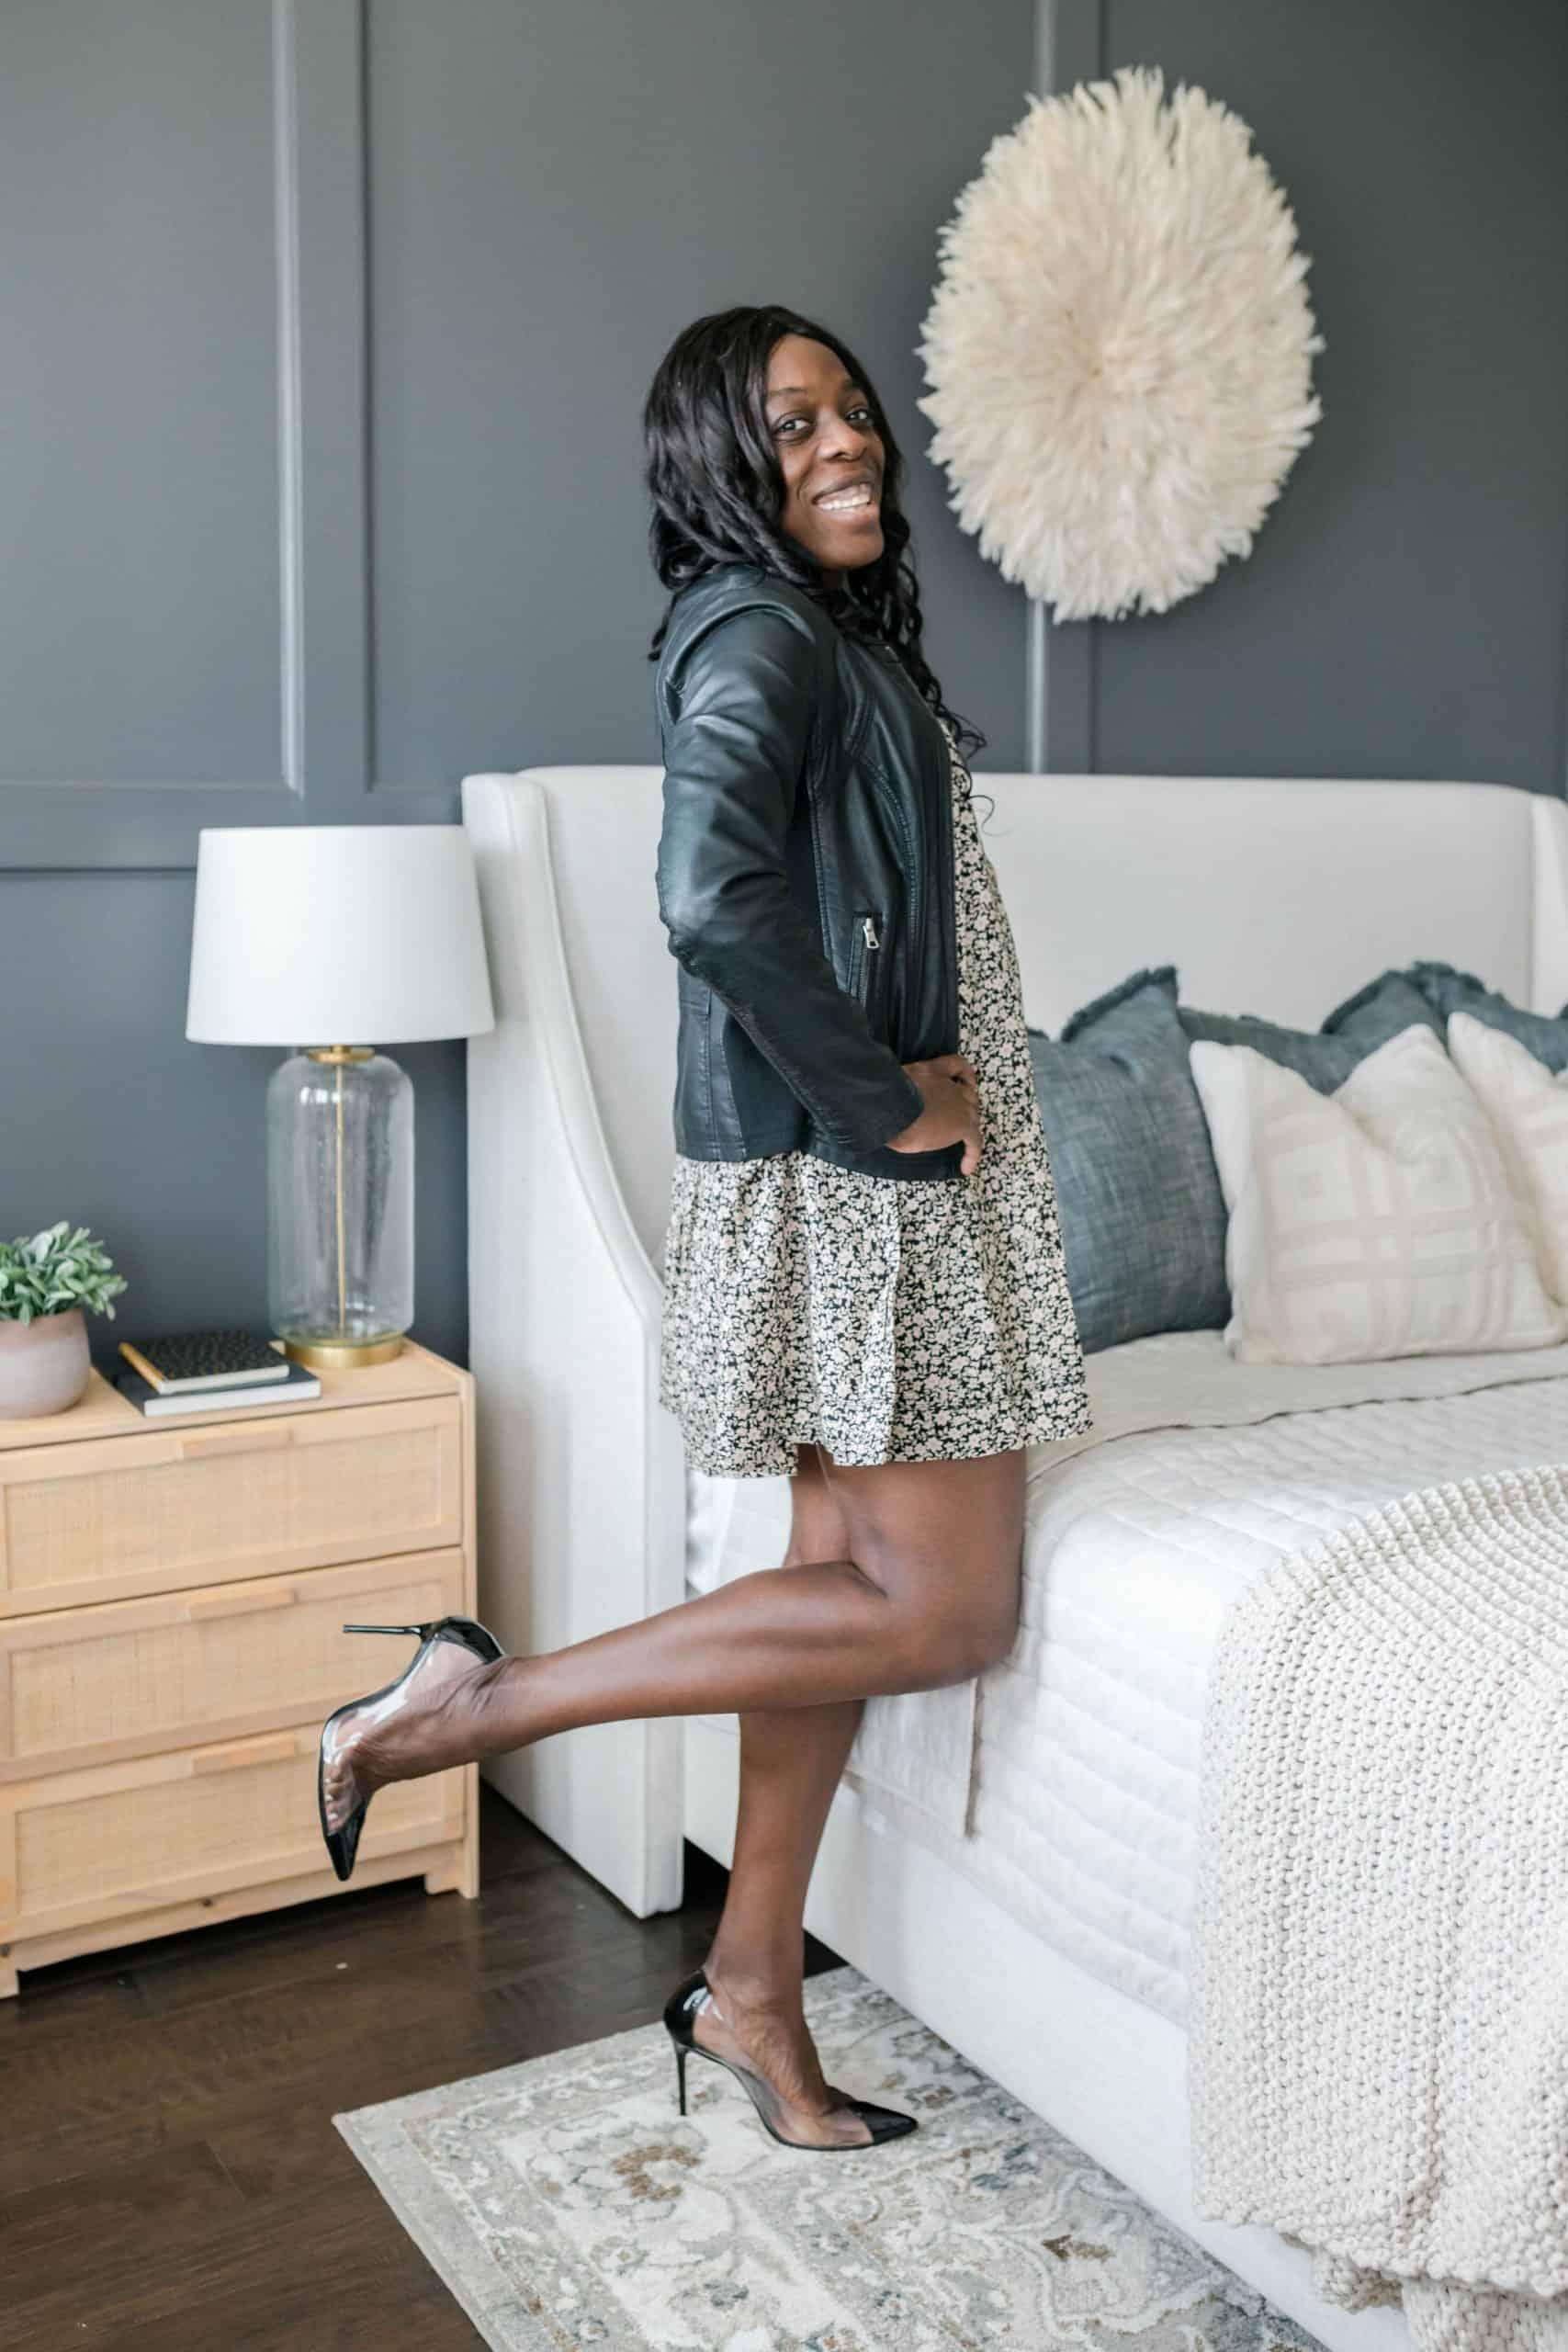 Modeling dress with heels in bedroom